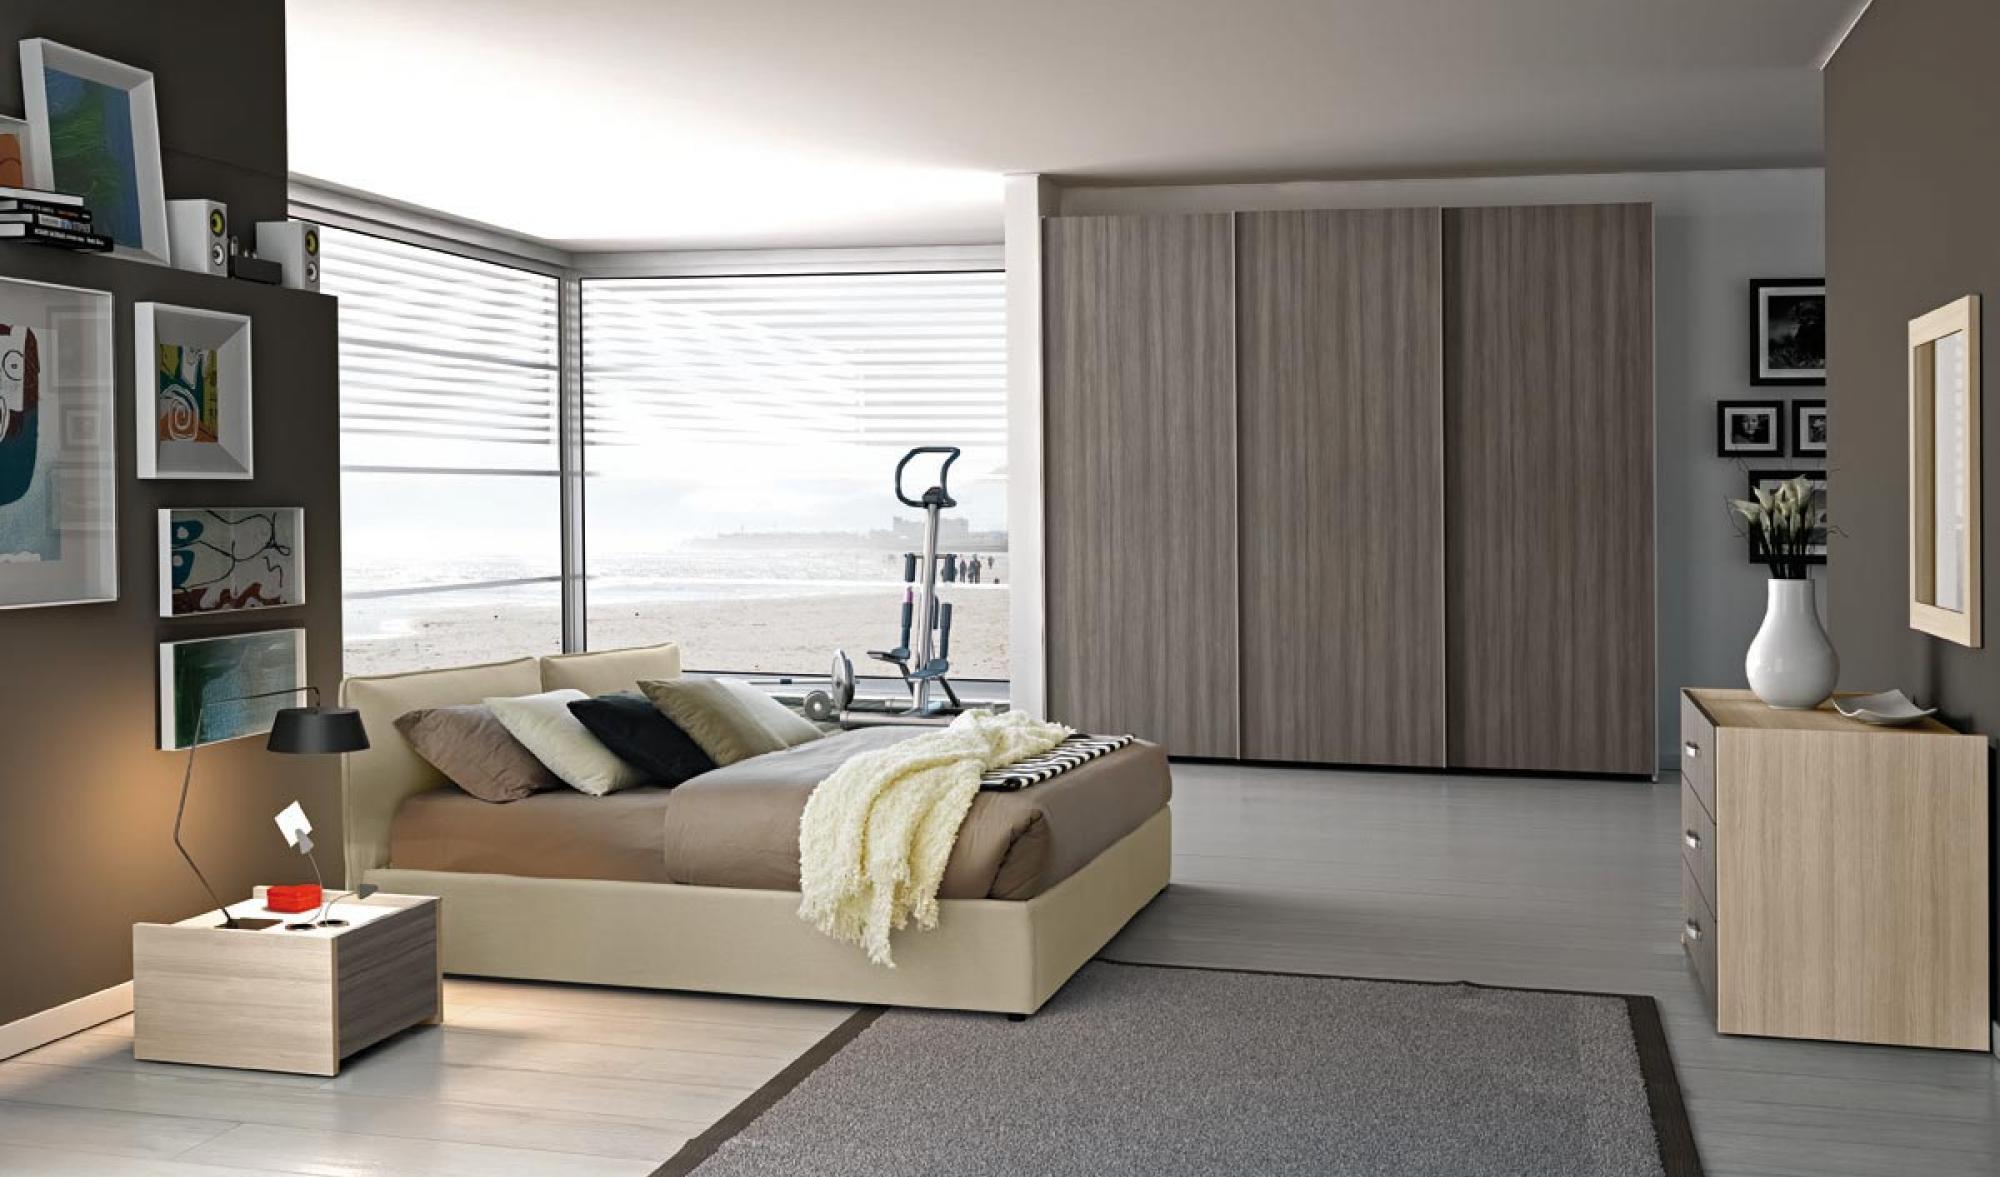 اشكال ديكورات لغرف النوم التركية